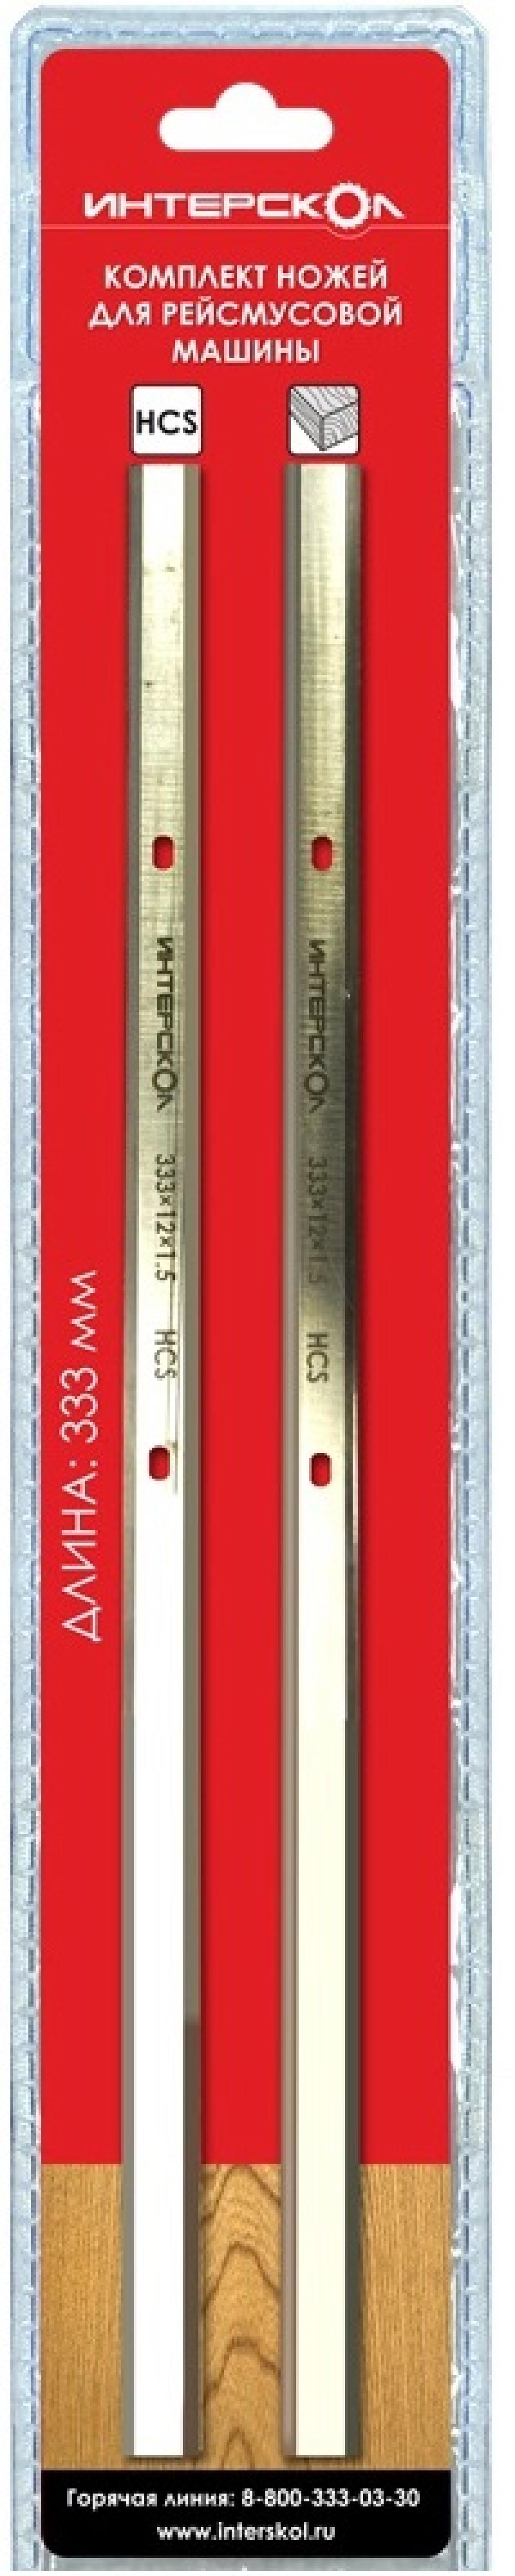 Комплект ножей Интерскол для рейсмуса РС-330/1500 333х12х1.5мм 2092933300150 комплект ножей для рубанка интерскол твердосплавная сталь 102х6х1 2 2091910200120